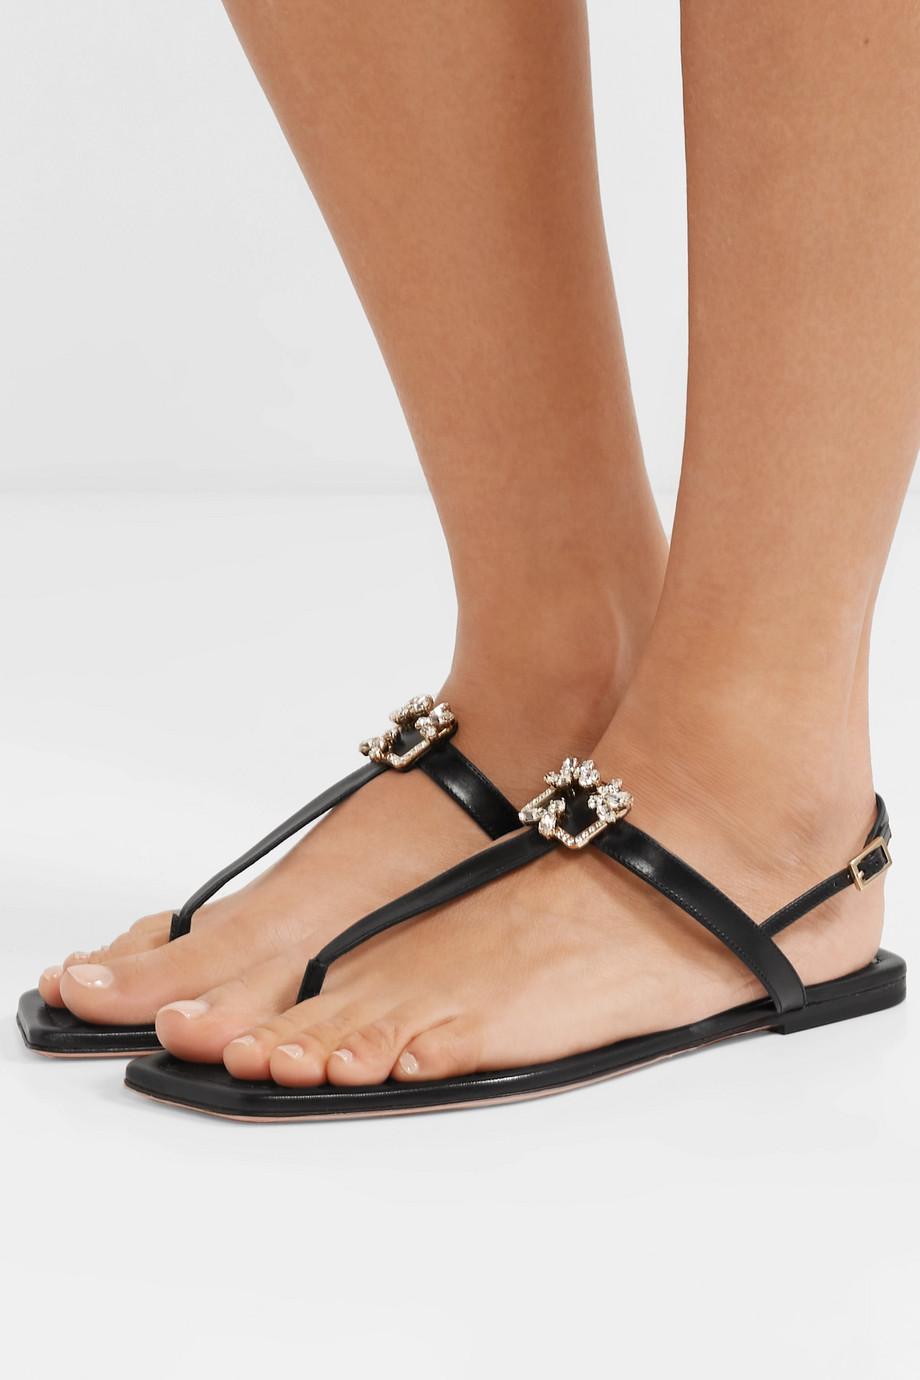 Roger Vivier Broche crystal-embellished leather slingback sandals